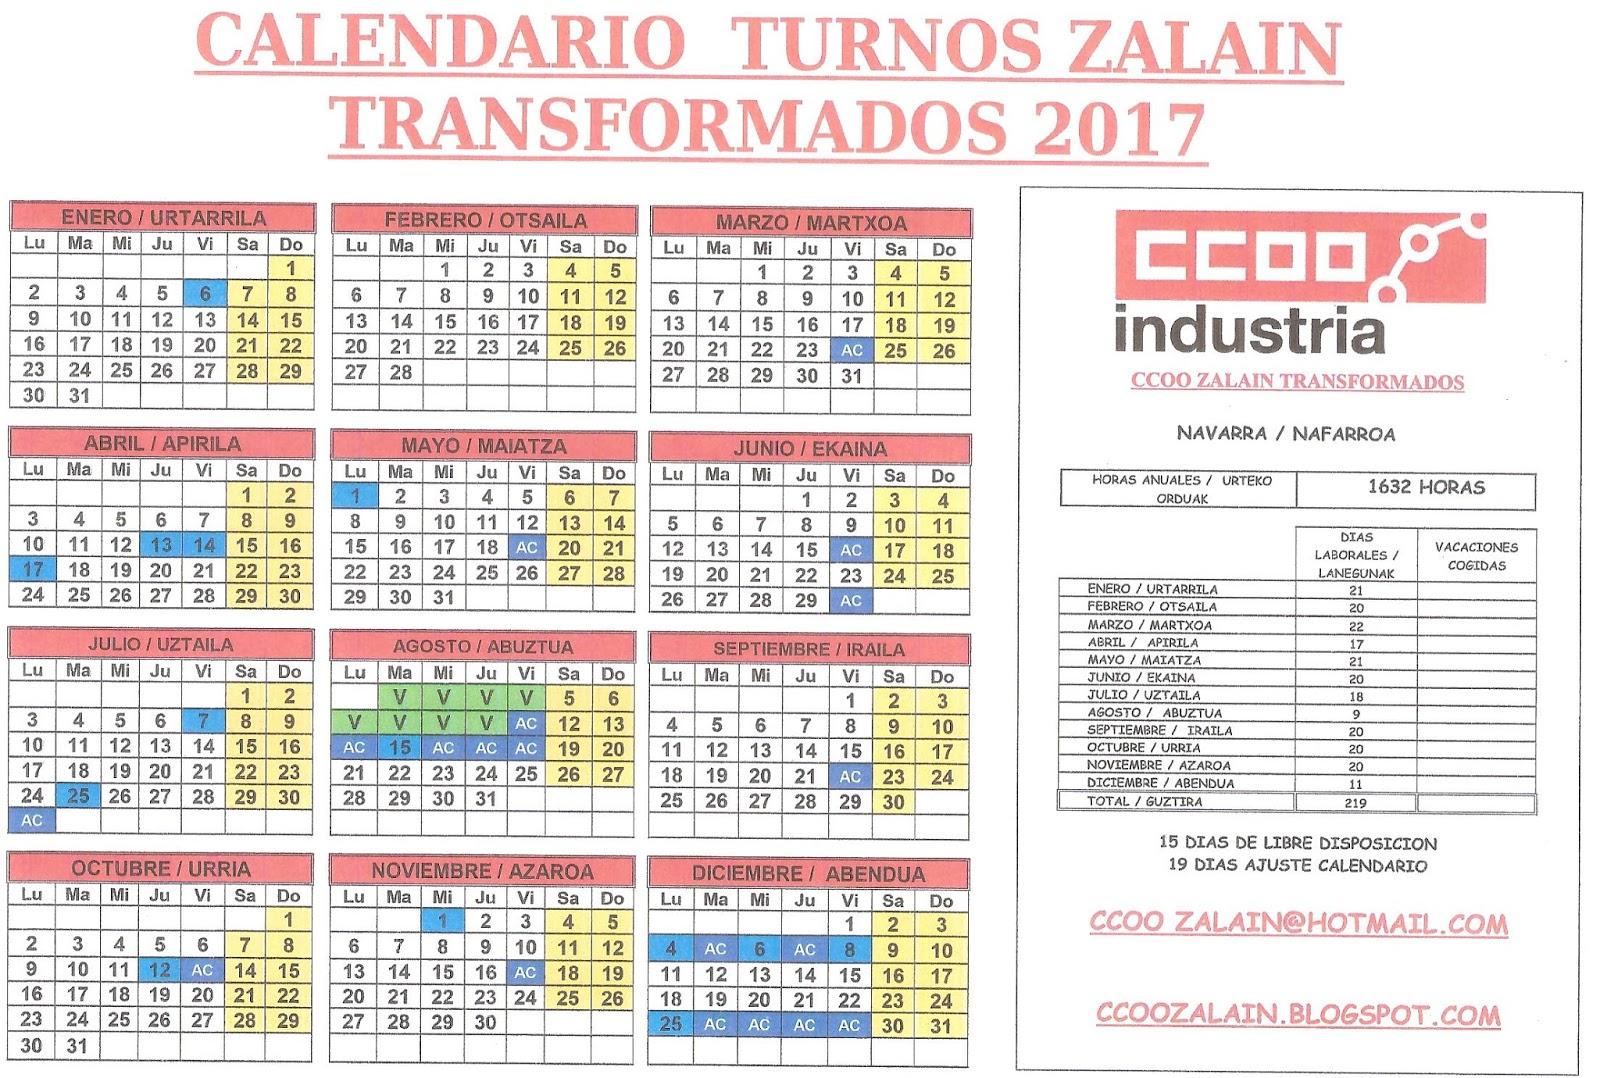 Calendario Turnos.Ccoo Zalain Calendario Turnos 2017